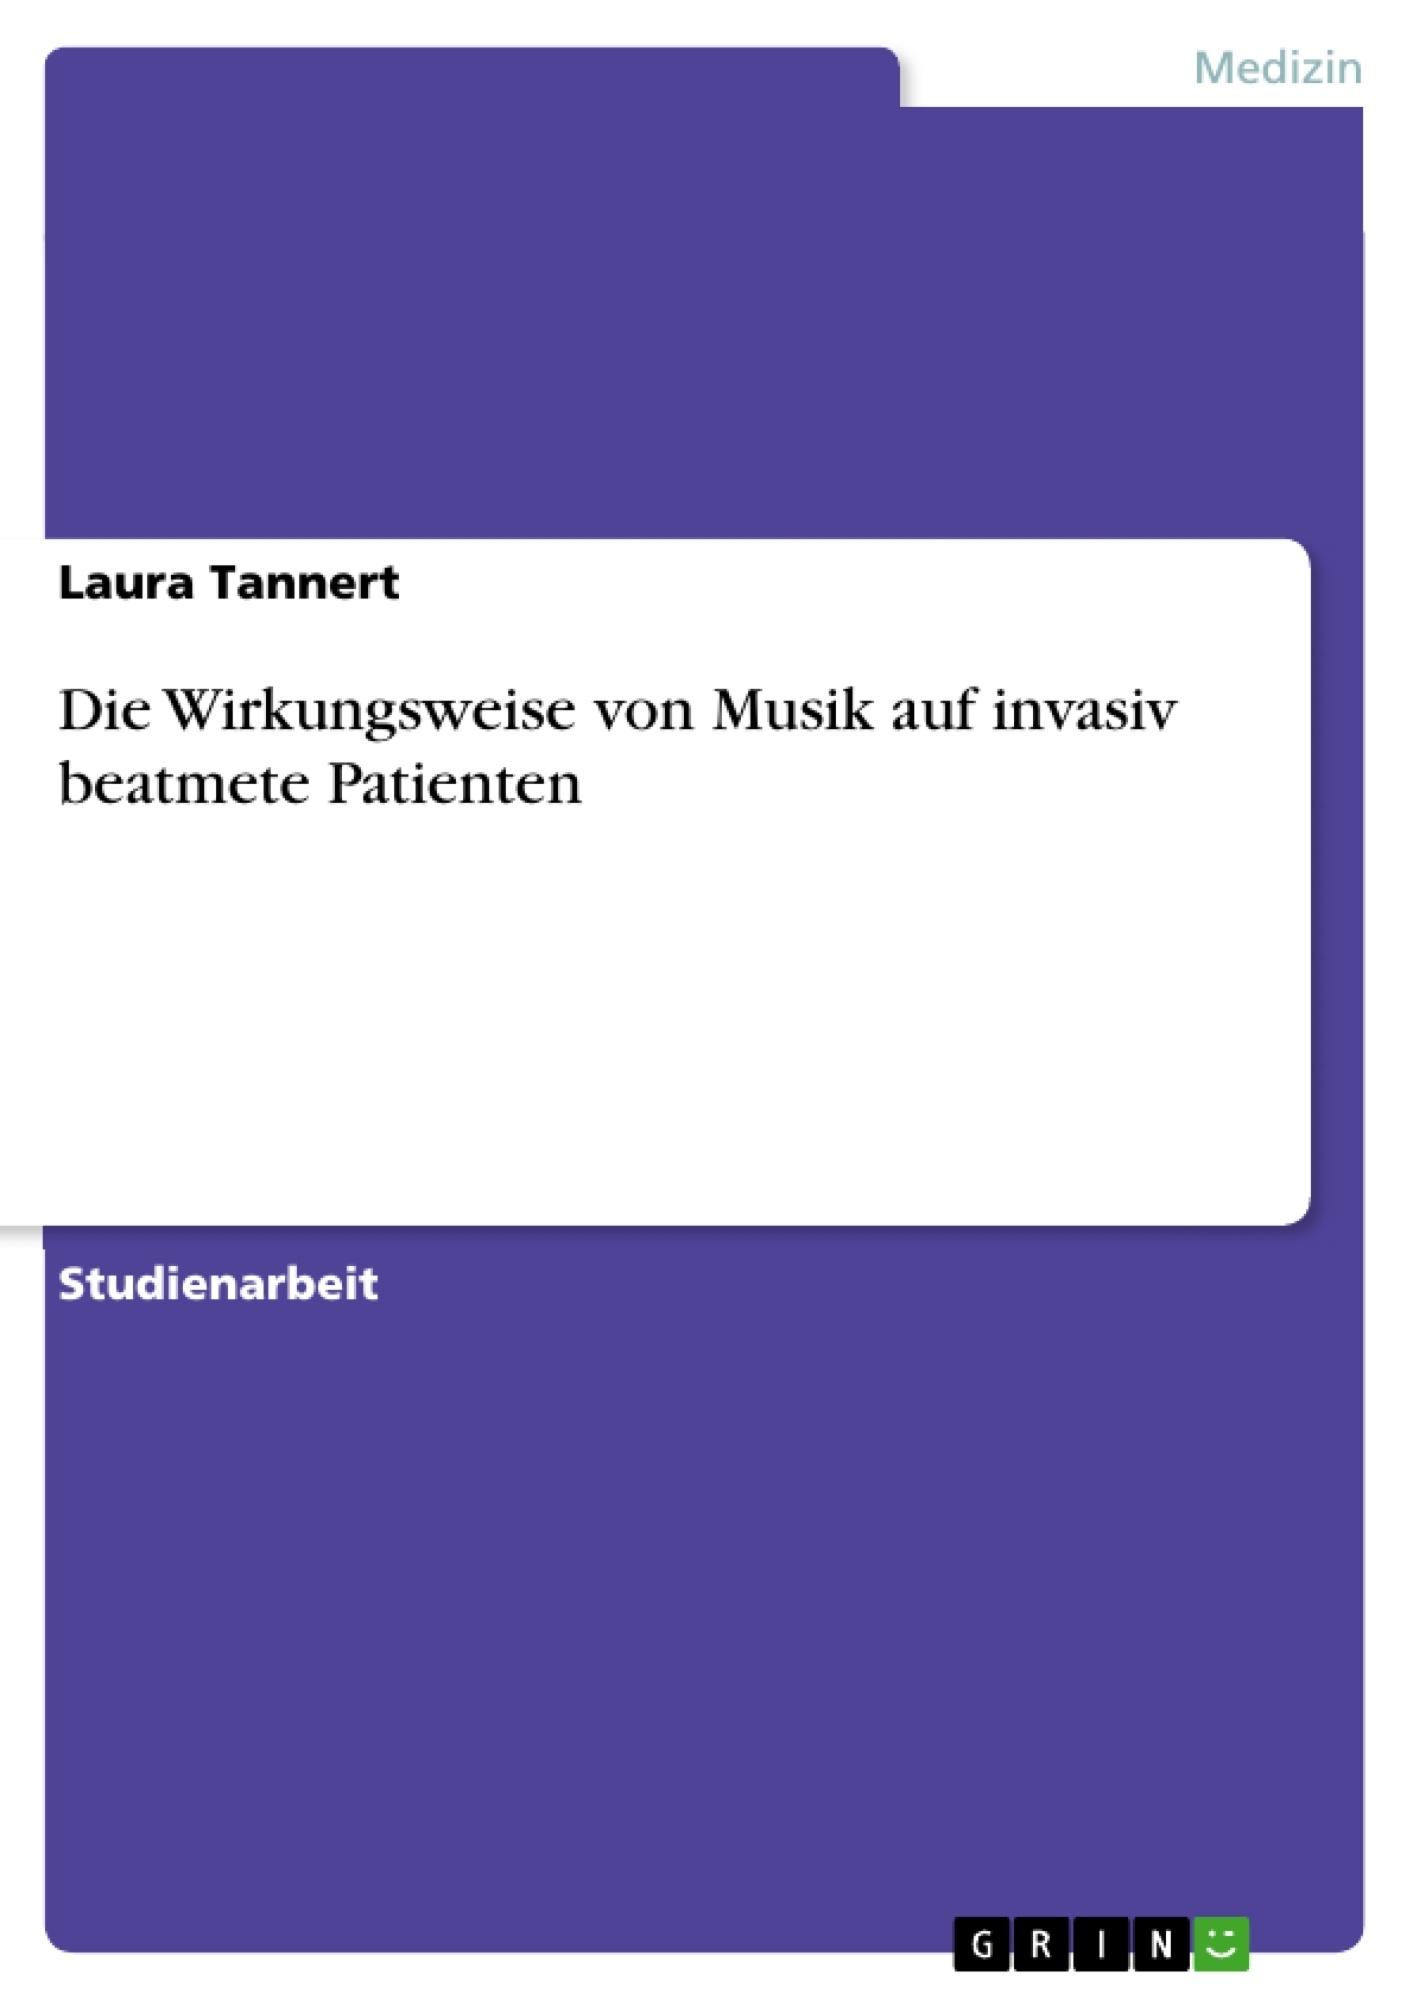 Titel: Die Wirkungsweise von Musik auf invasiv beatmete Patienten